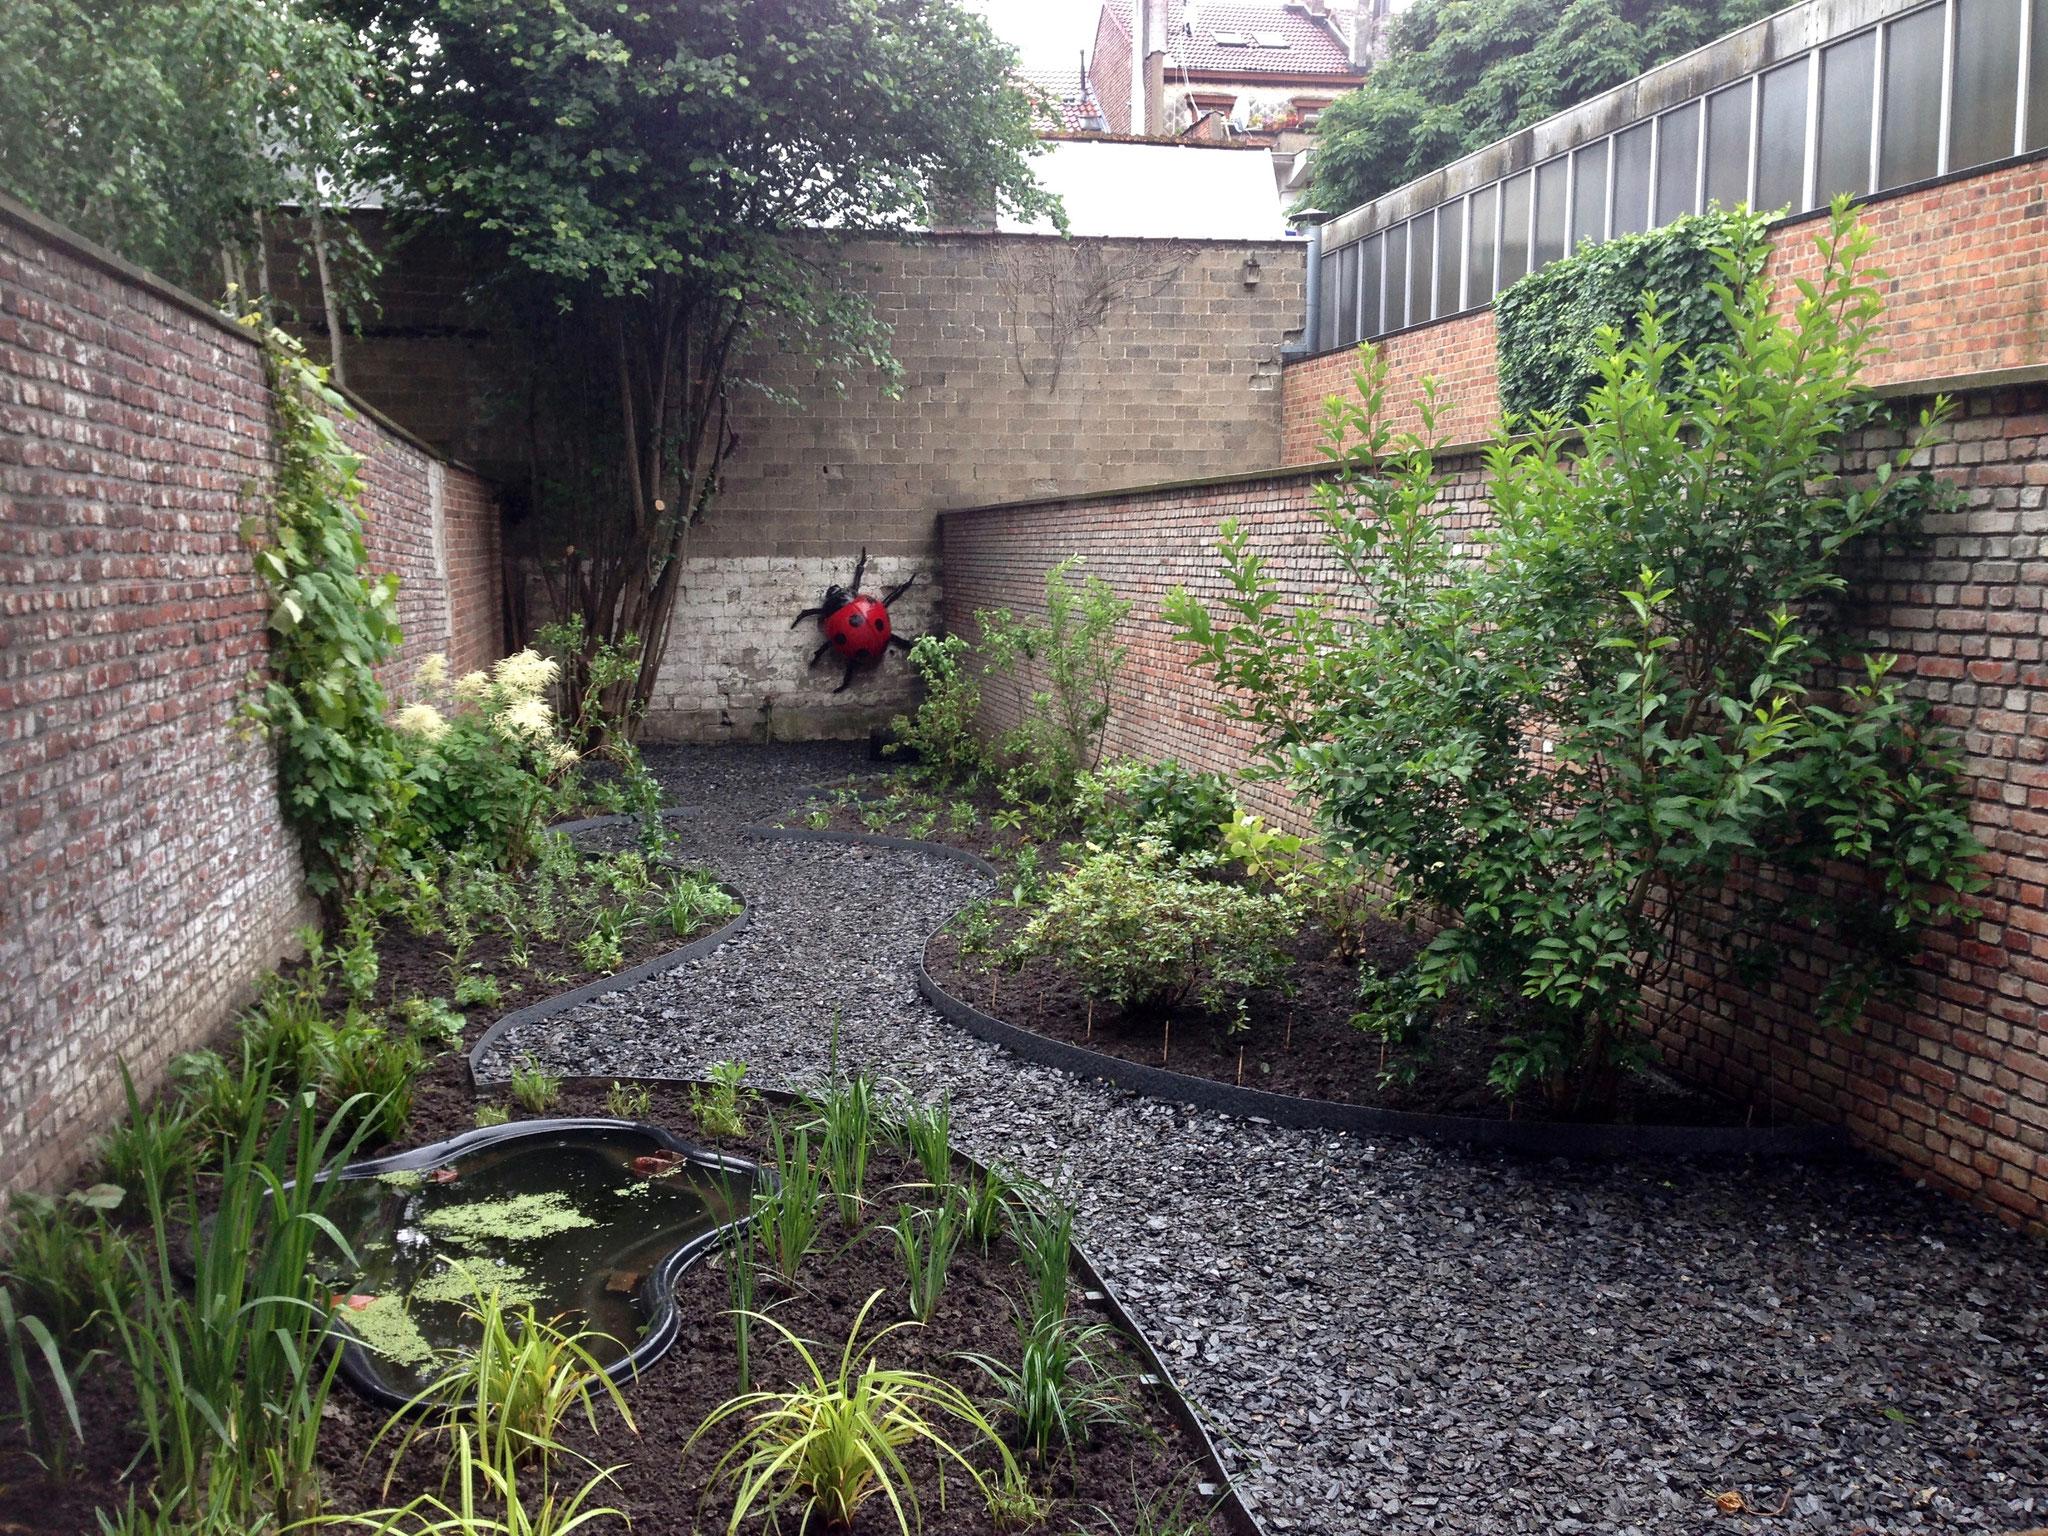 Jardin de ville 120m2 - Après plantations - Vue depuis la terrasse principale. Amenagement jardin Bruxelles